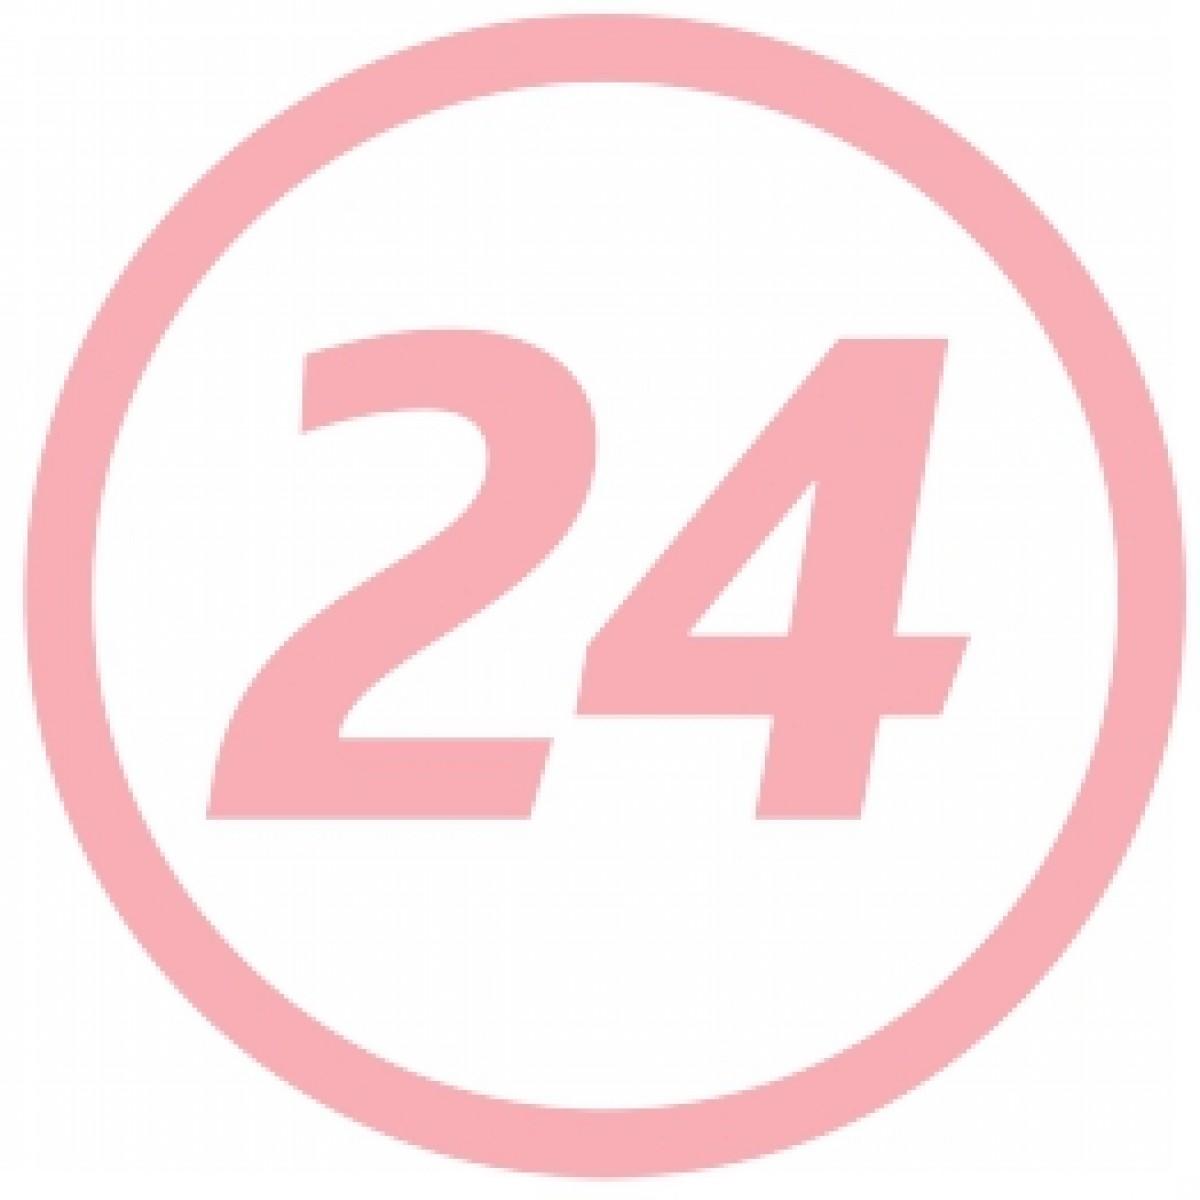 Zeolit Capsule Herbagetica , Capsule, 70 buc + 30 buc CADOU